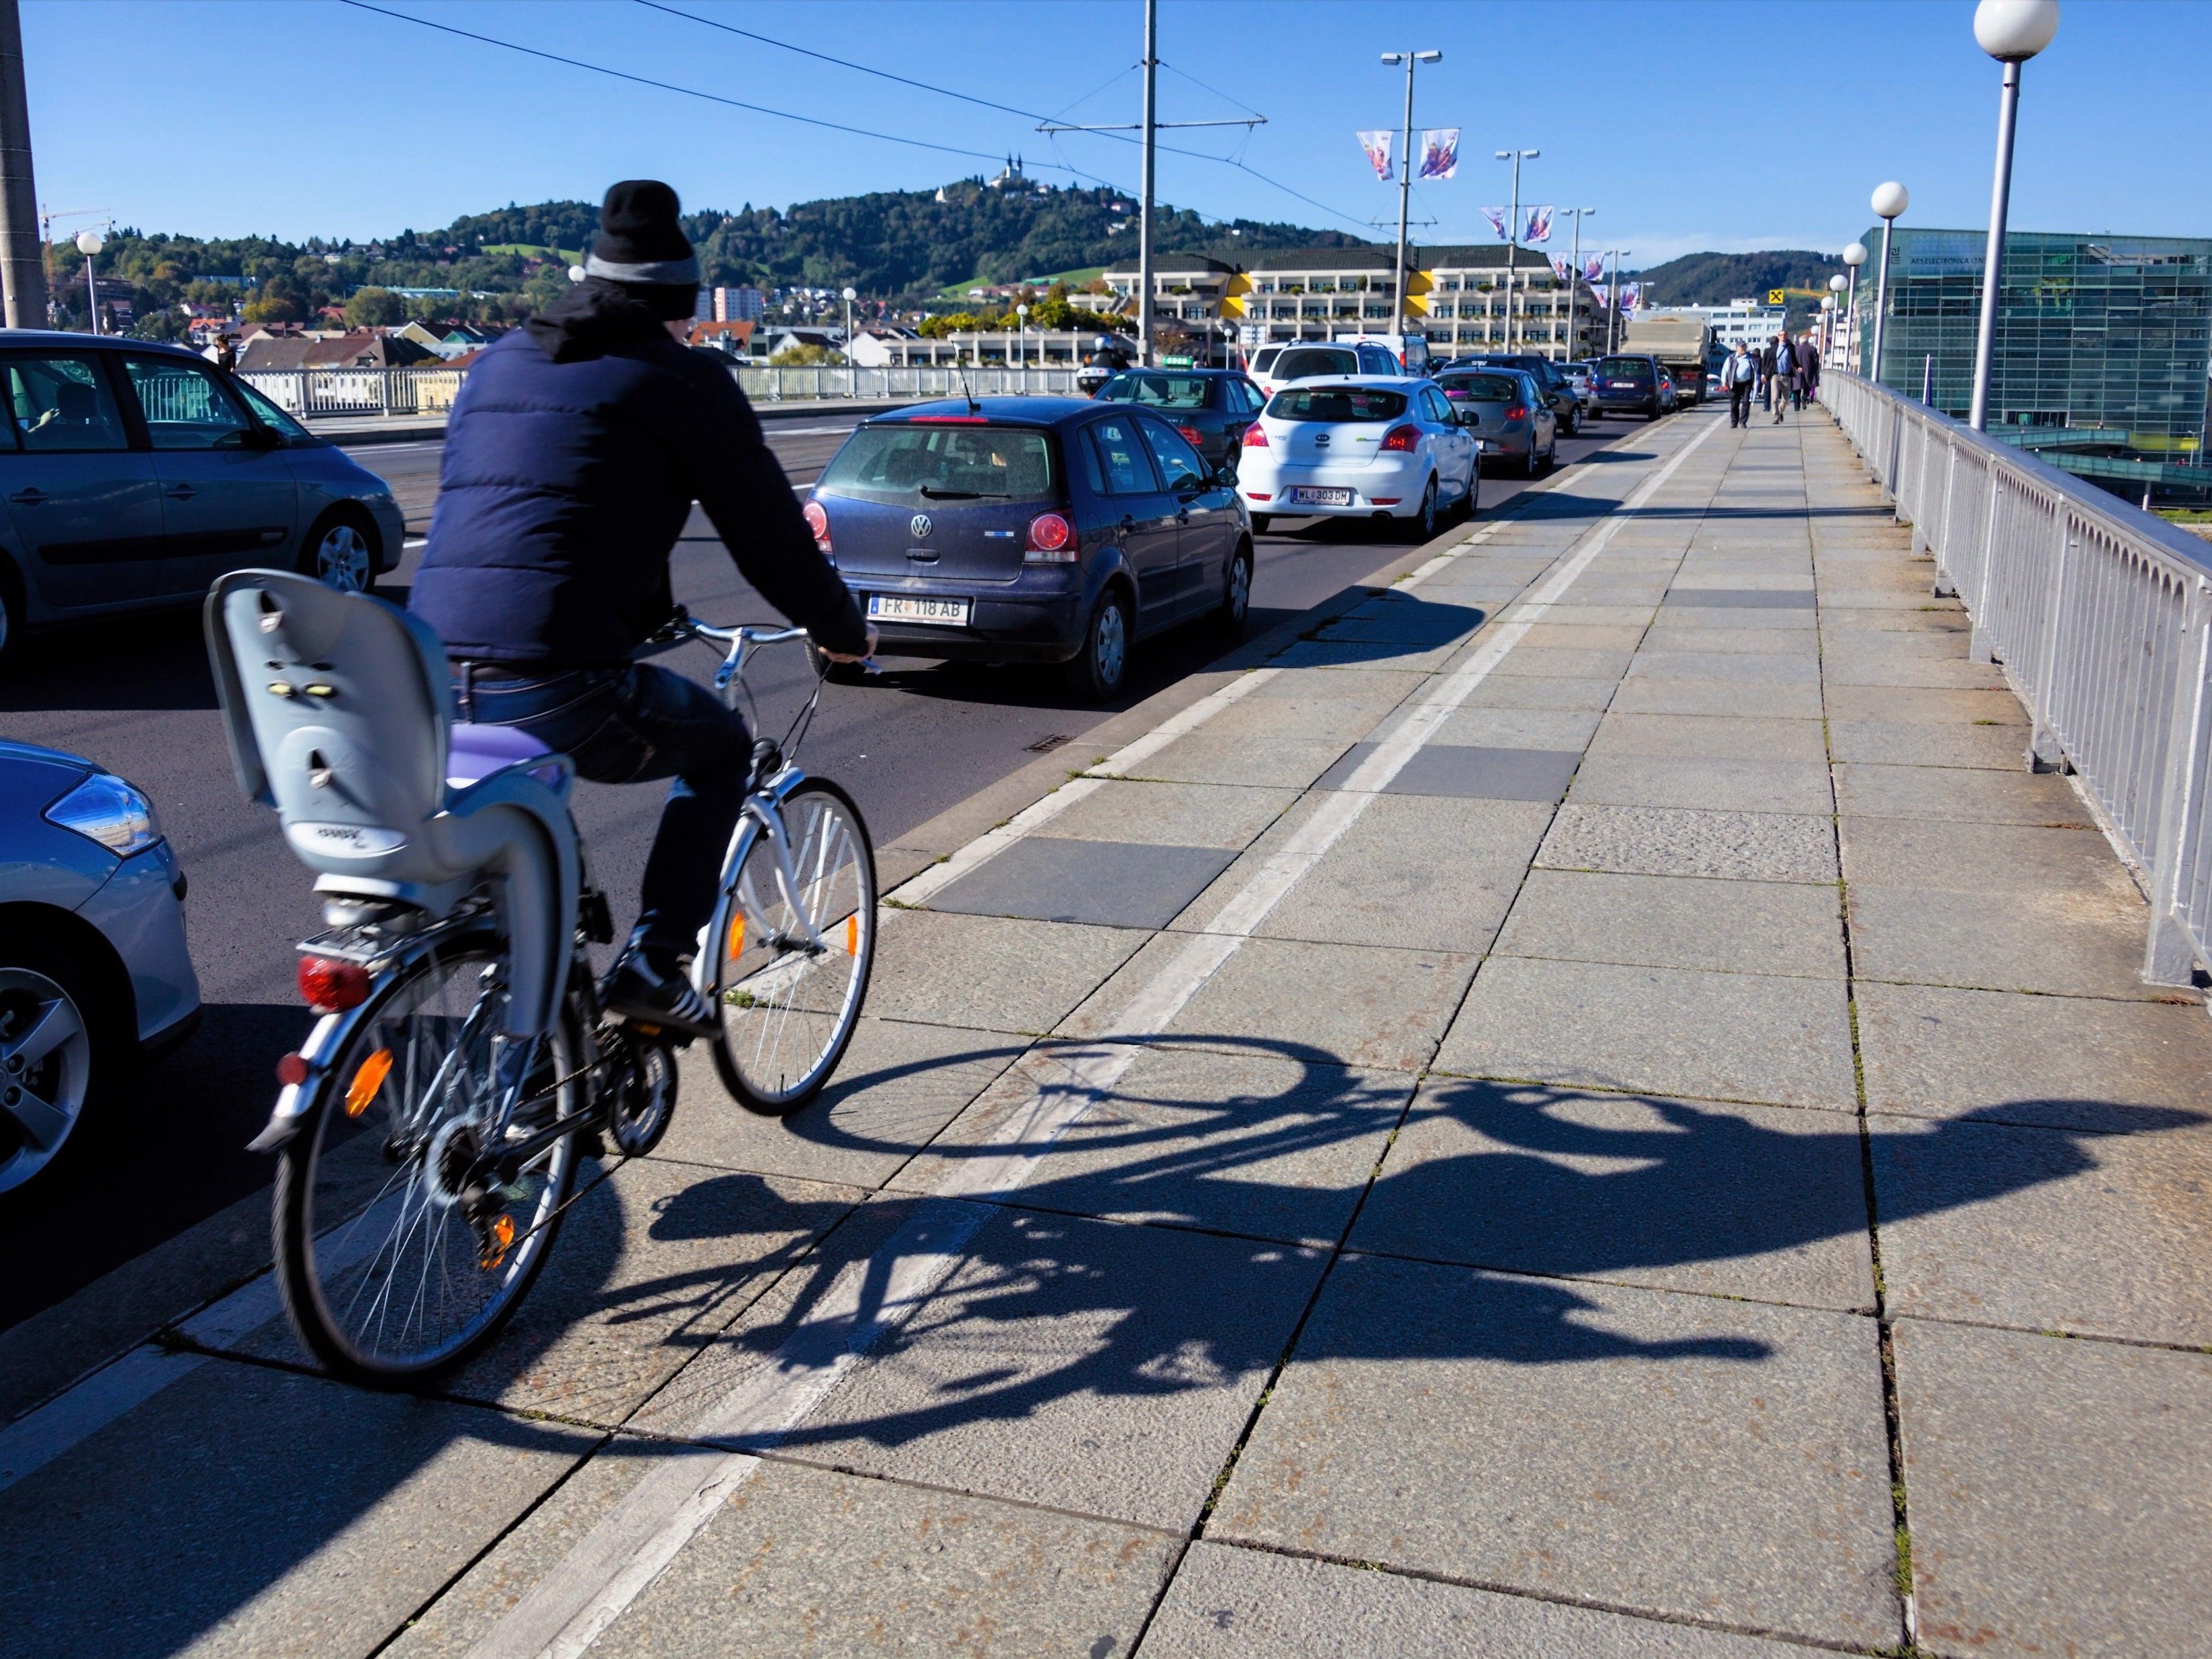 Beim Sturz mit dem Fahrrad verletzte sich ein 44-jähriger Vorarlberger.